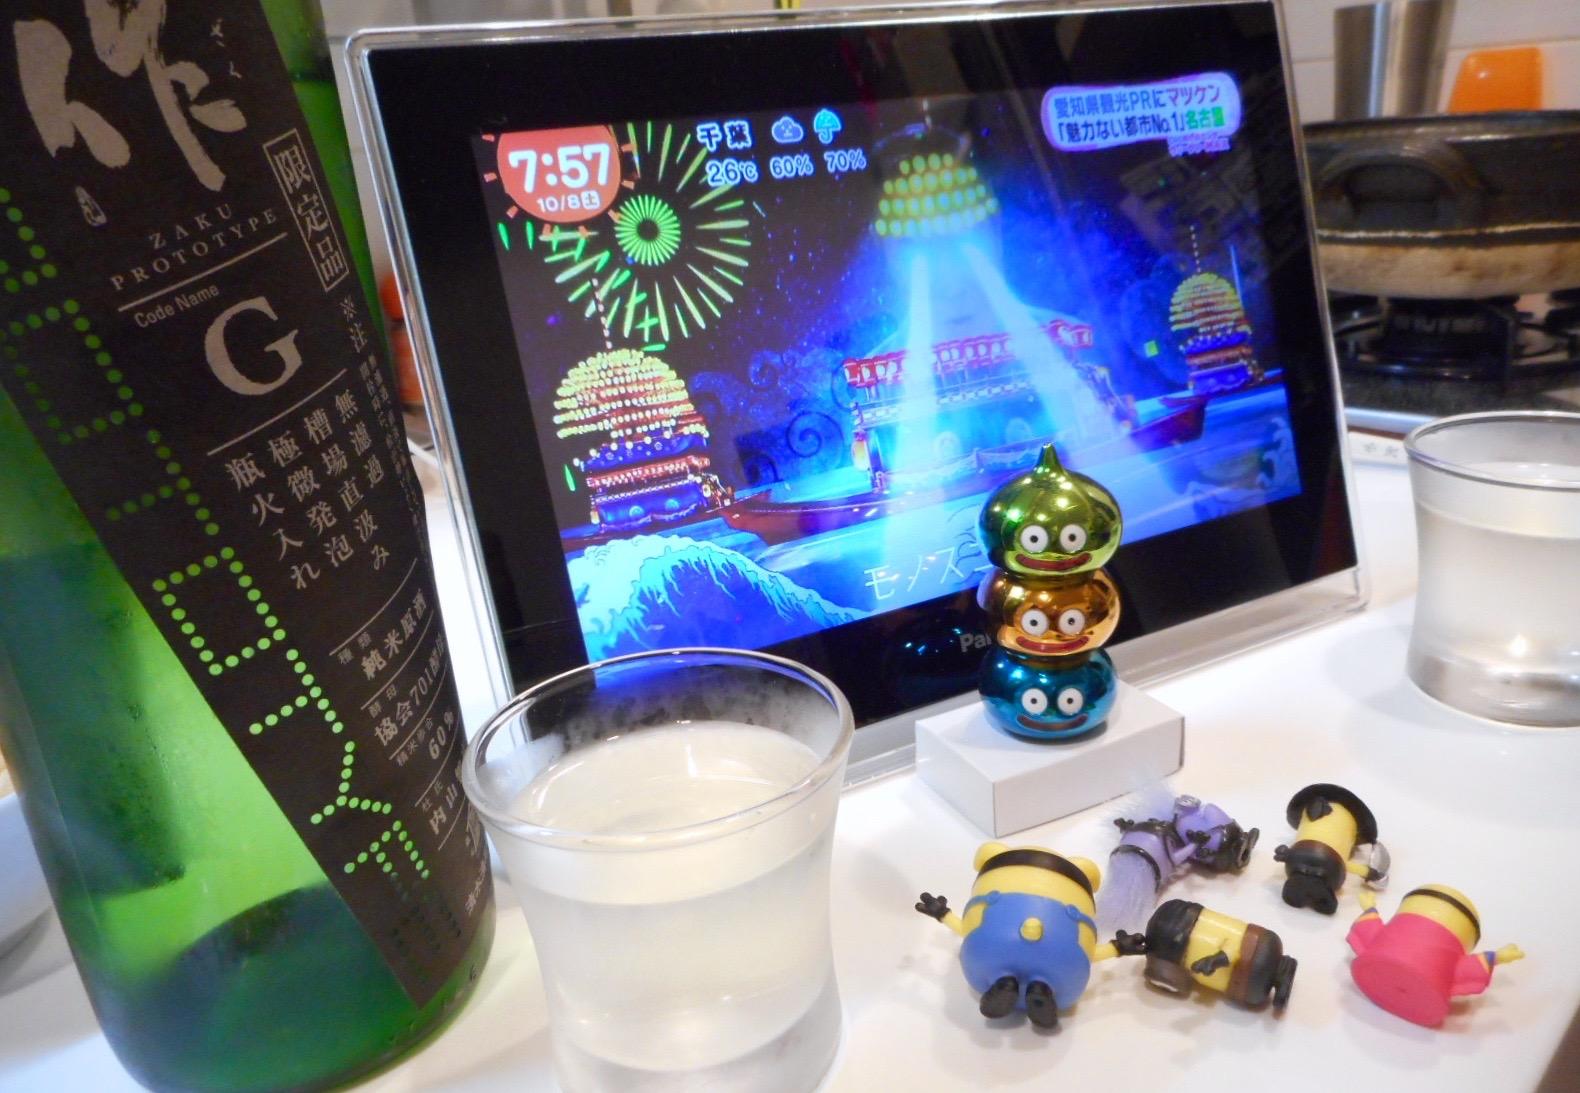 zaku_prototype_g27by7.jpg